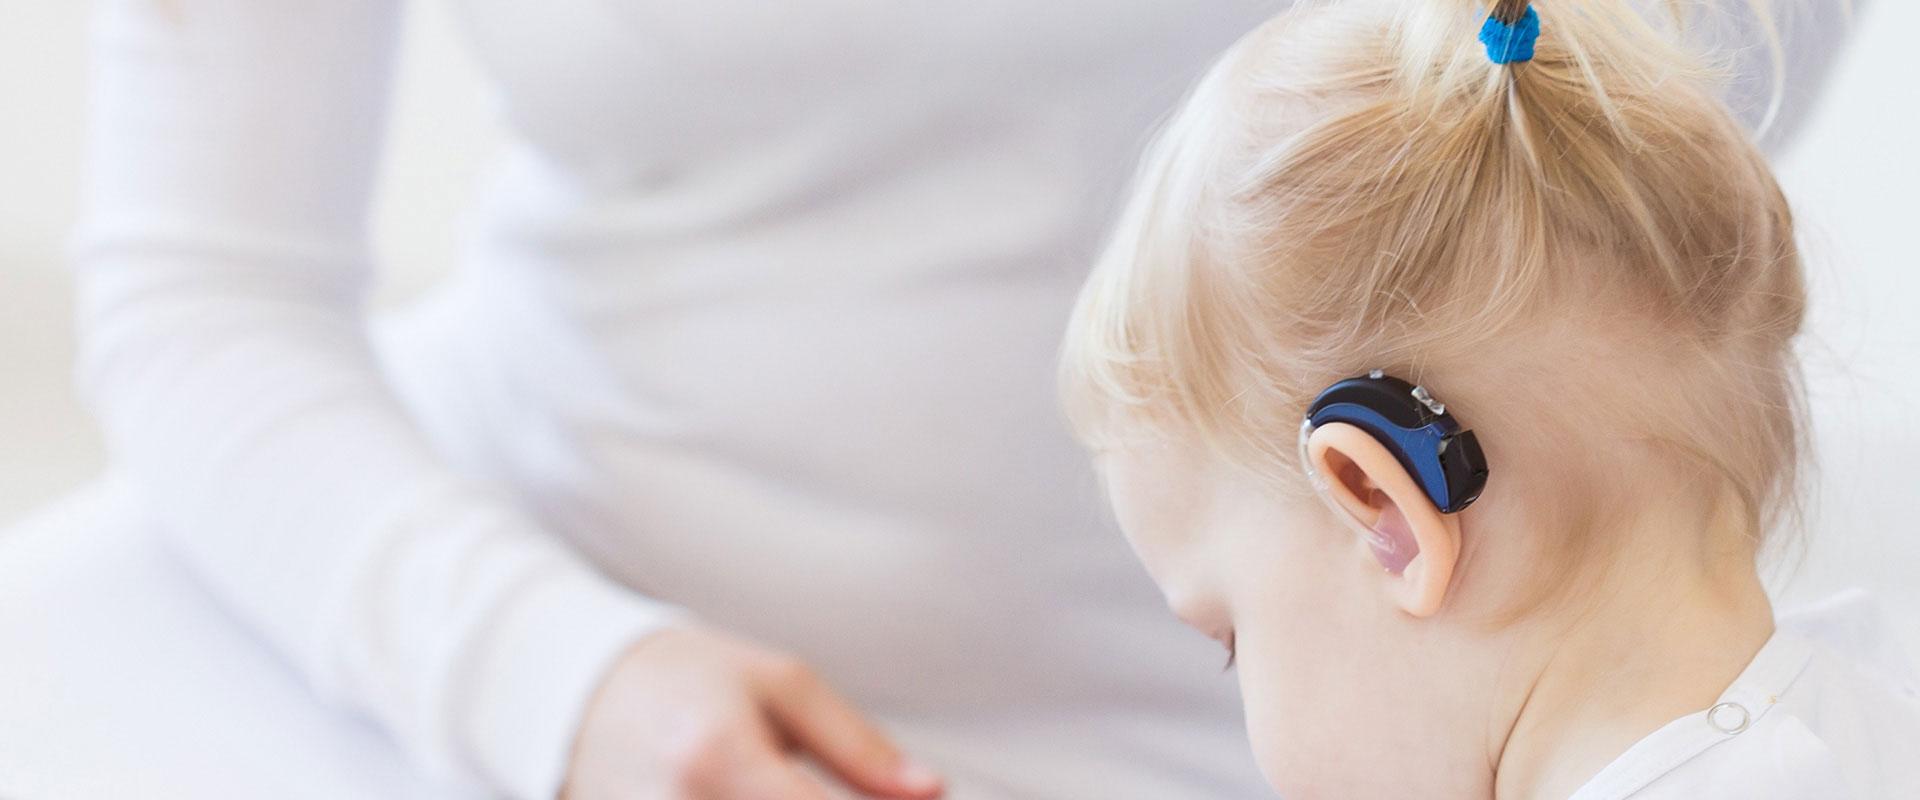 sluhovi aparati za bebeta i deca